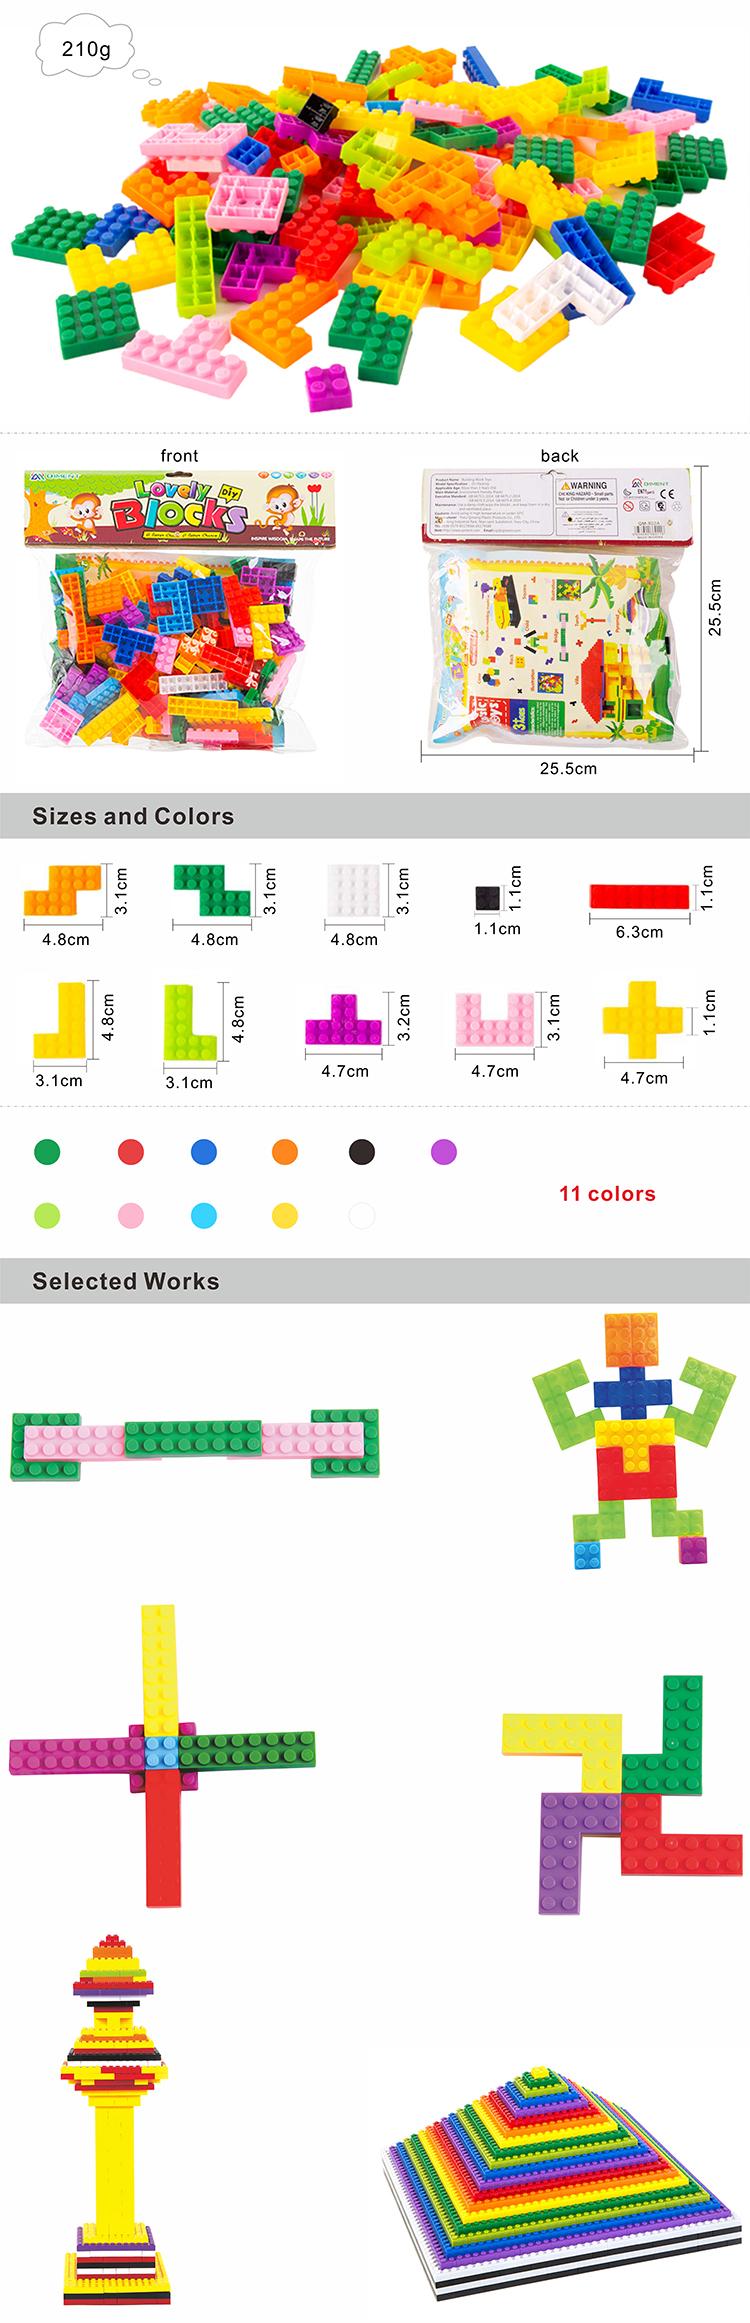 الوافدين الجدد 2020 تصميم لعبة تعليمية الطفل اللبنات السحرية تتريس كتل لعبة